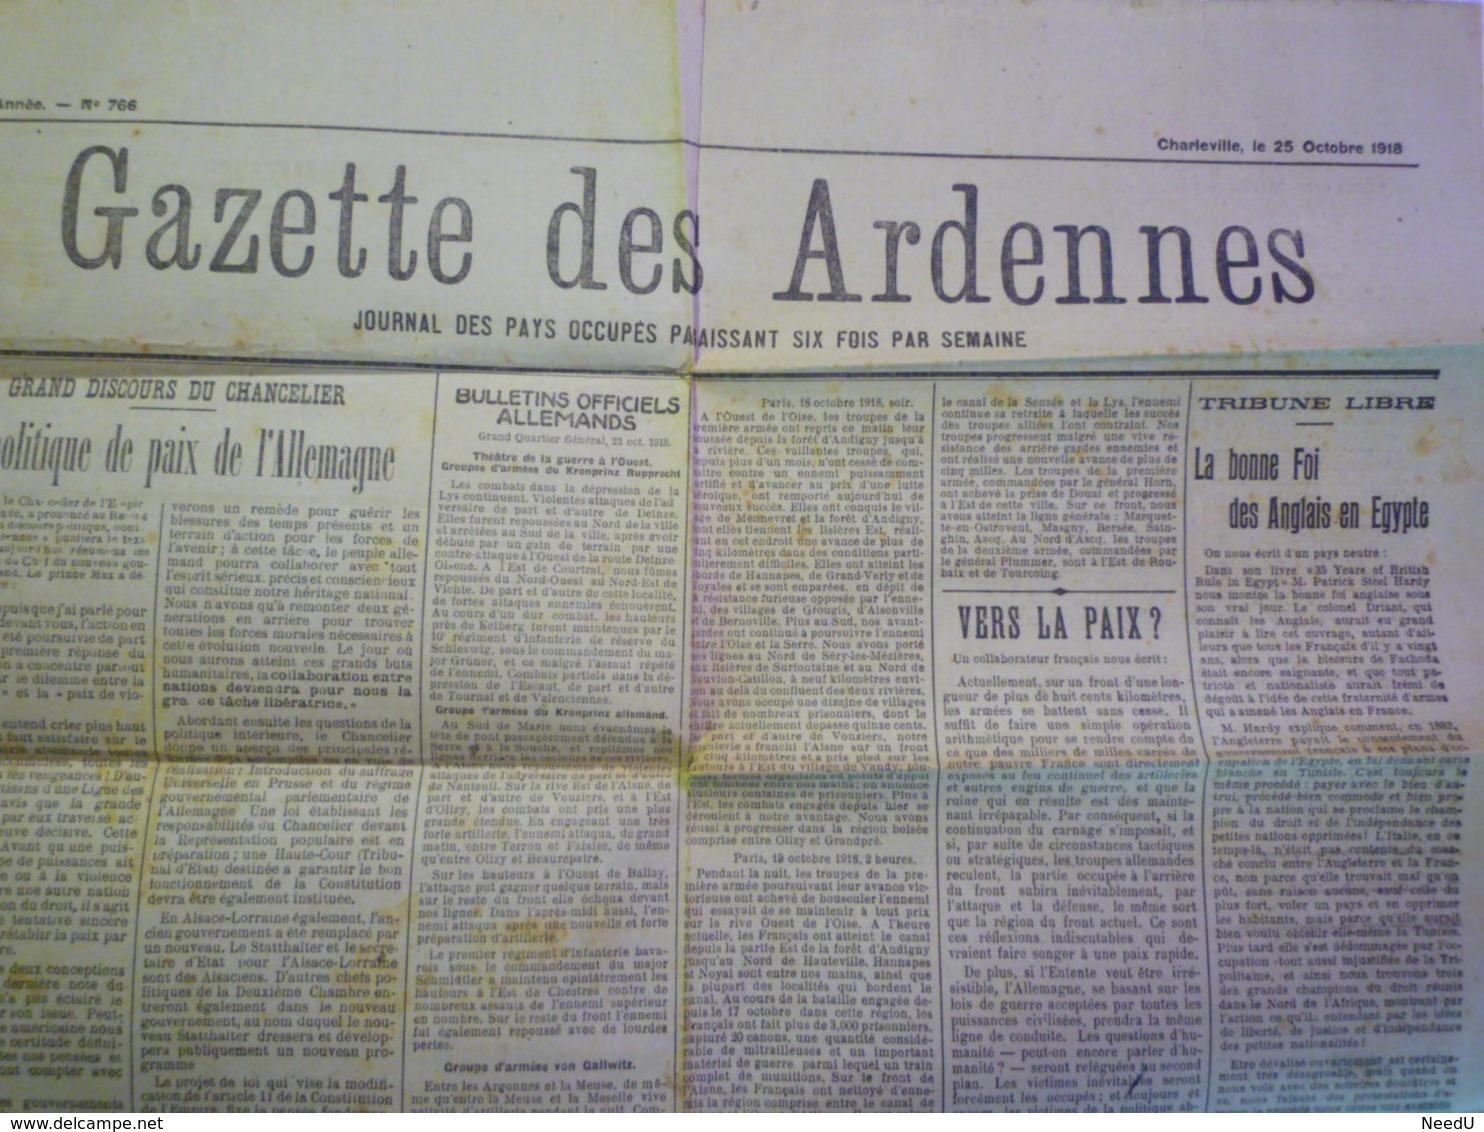 GP 2019 - 1039  GAZETTE Des ARDENNES Du 25 OCT 1918  (Charleville)   XXXX - Vieux Papiers